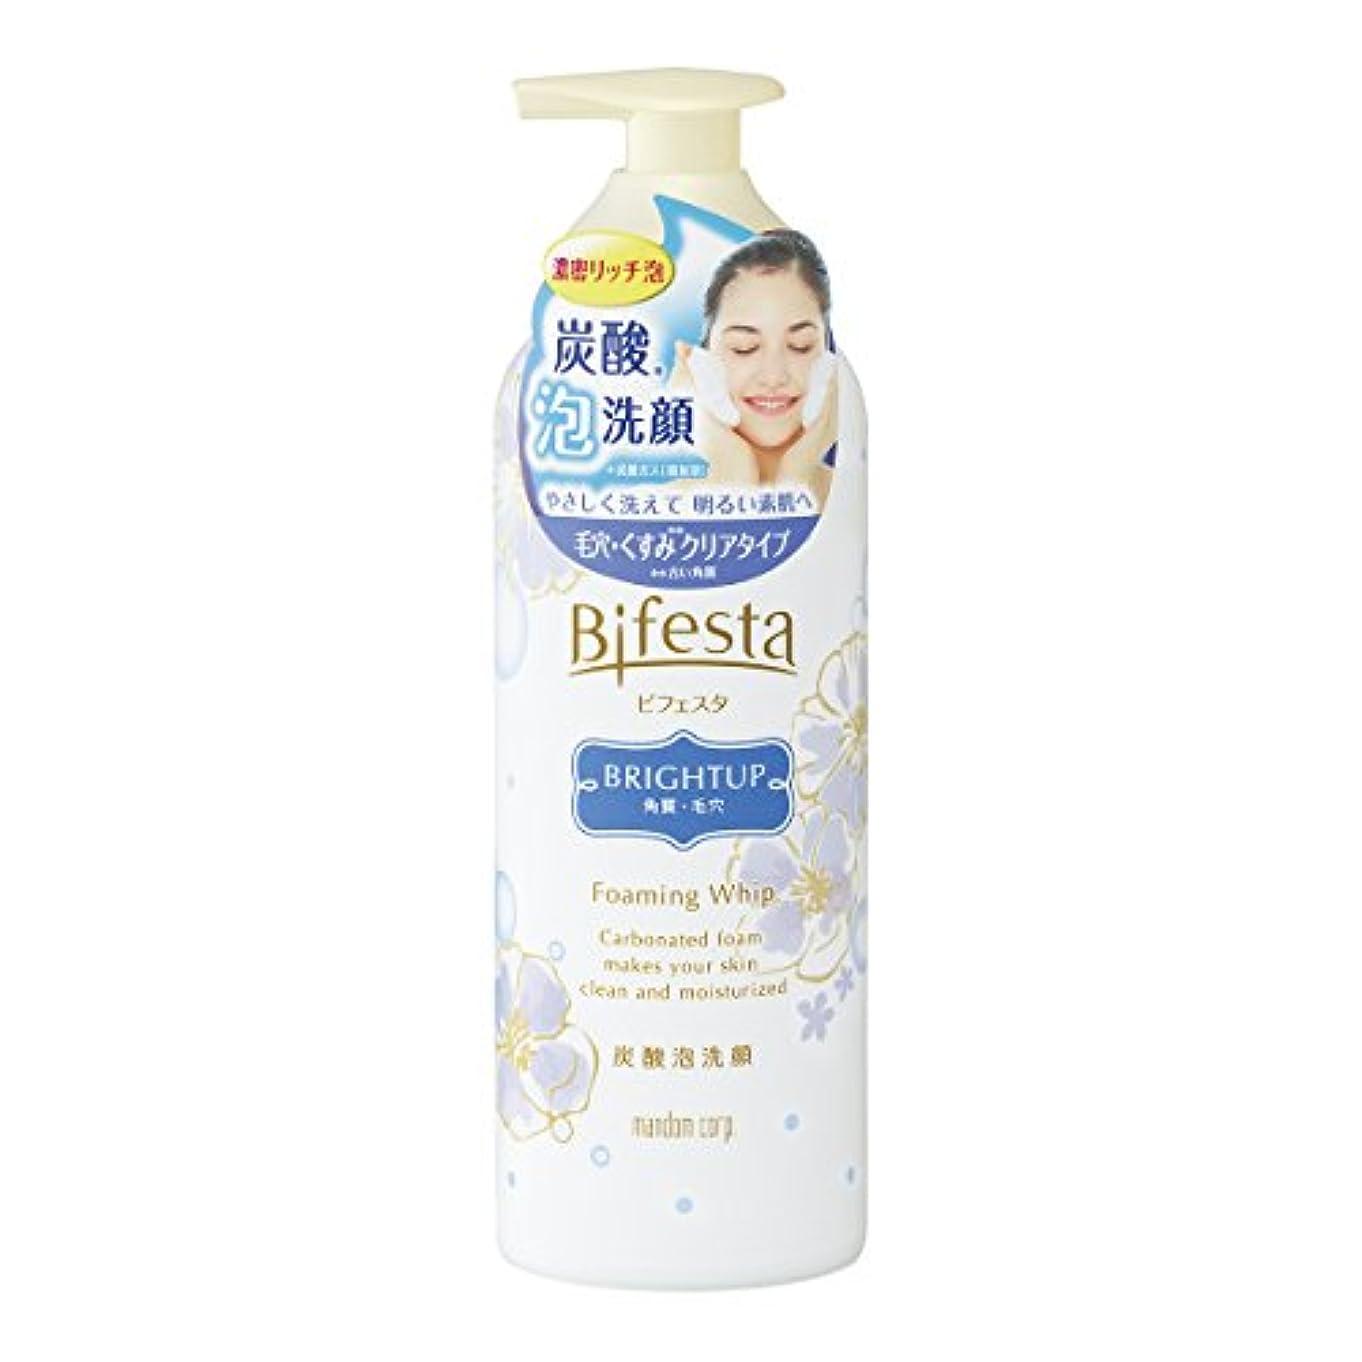 抗生物質作成する説得ビフェスタ 泡洗顔 ブライトアップ 180g